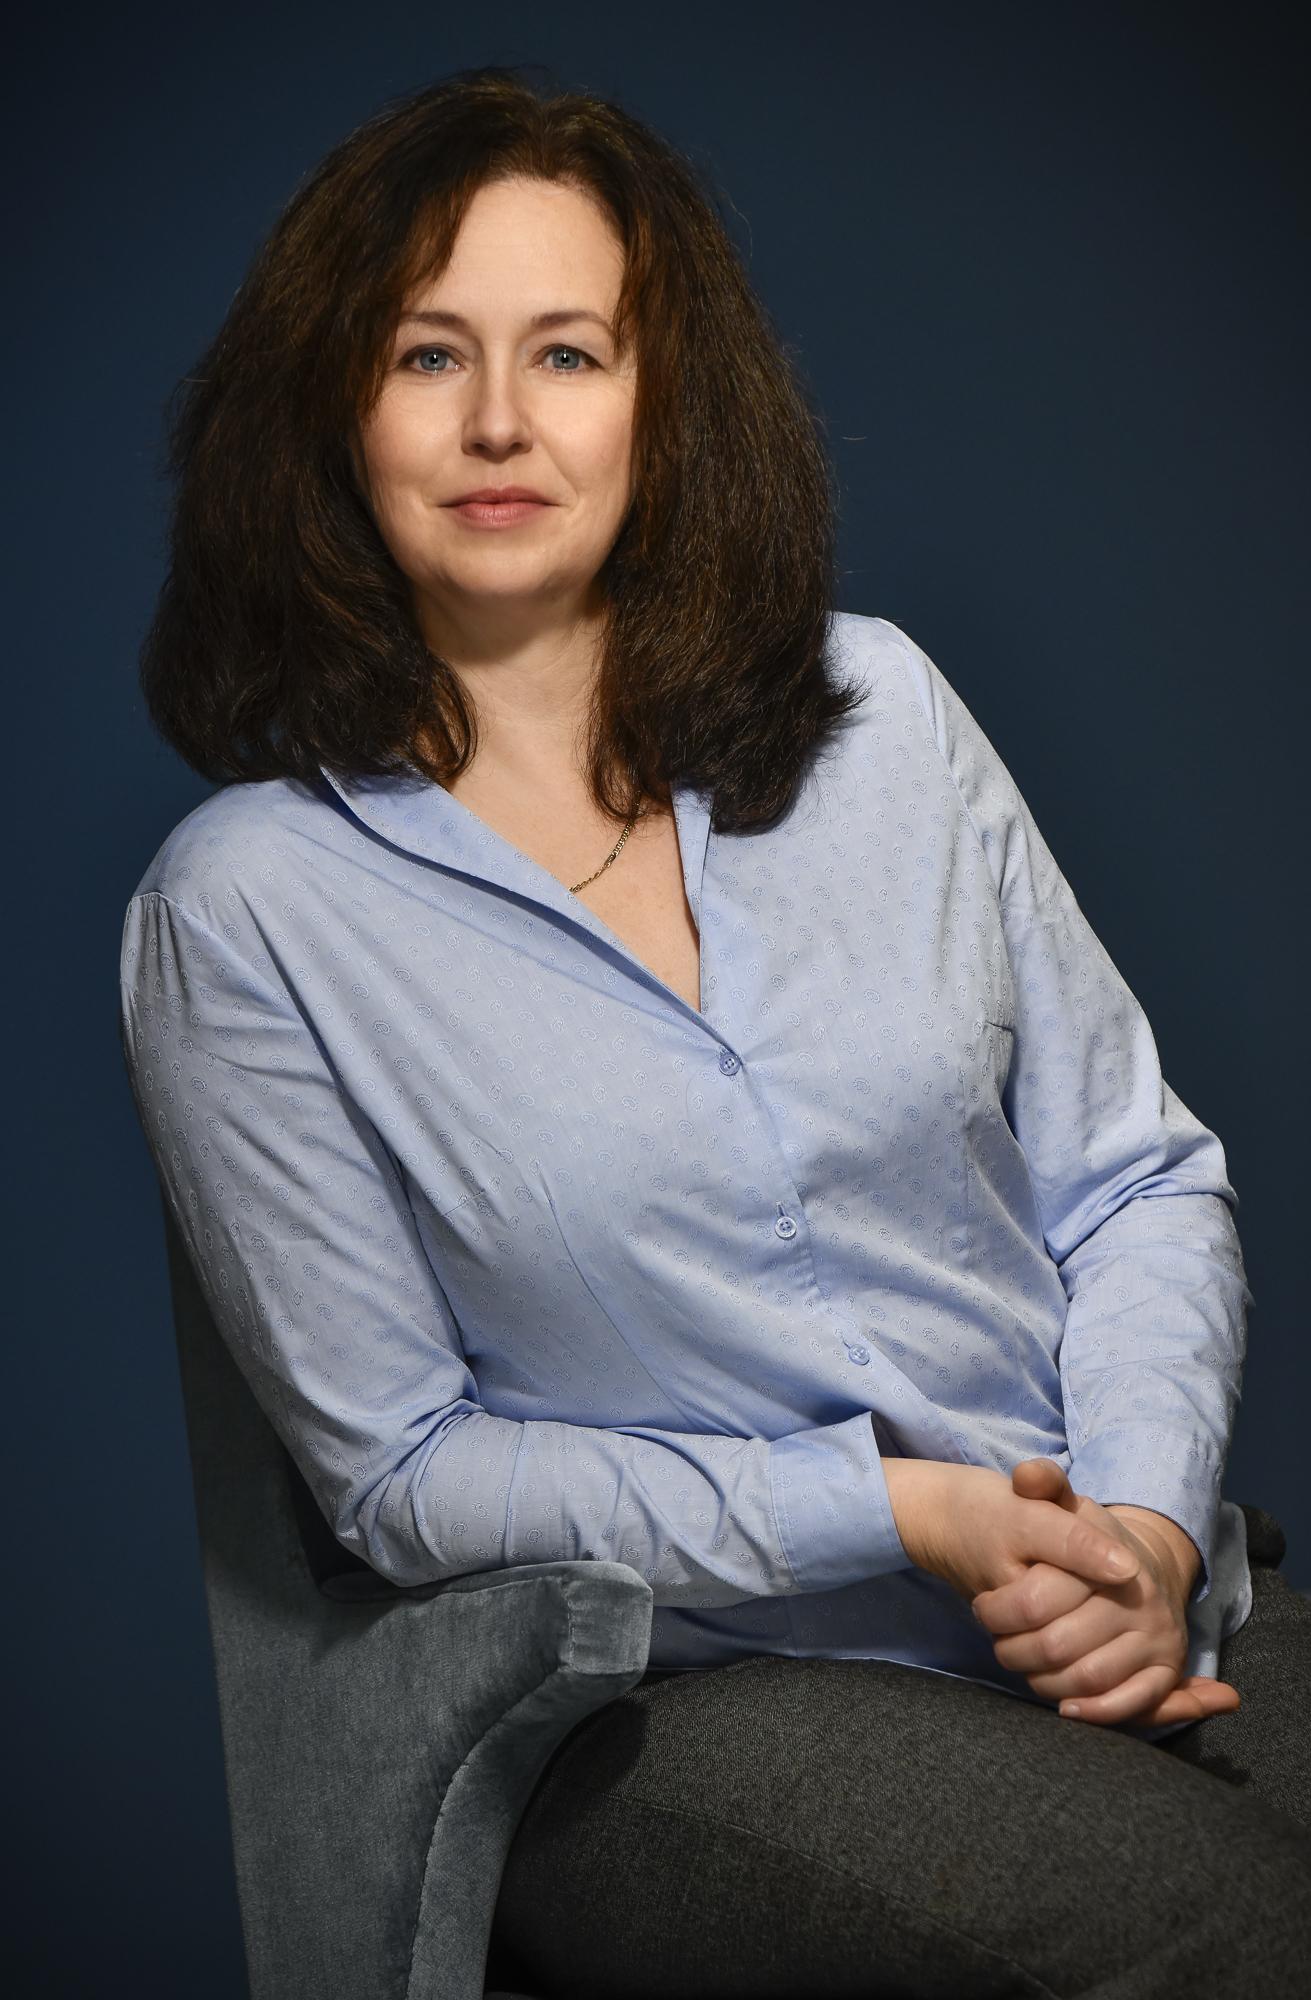 Leona Kyzlinková